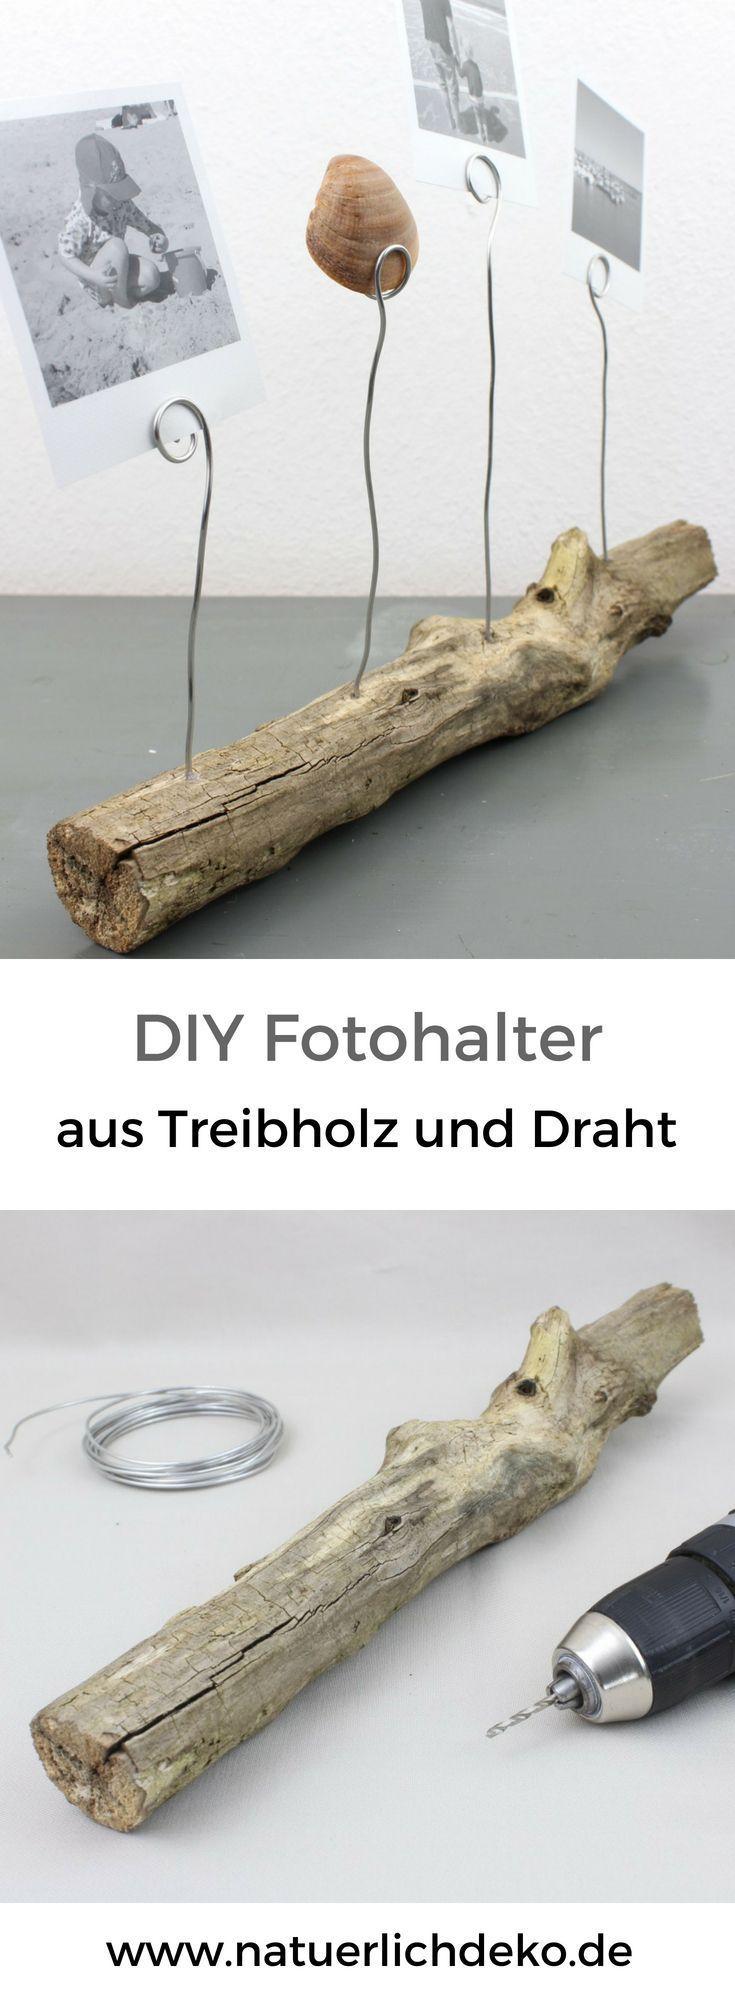 DIY Fotohalter aus Treibholz - Natürlich Deko